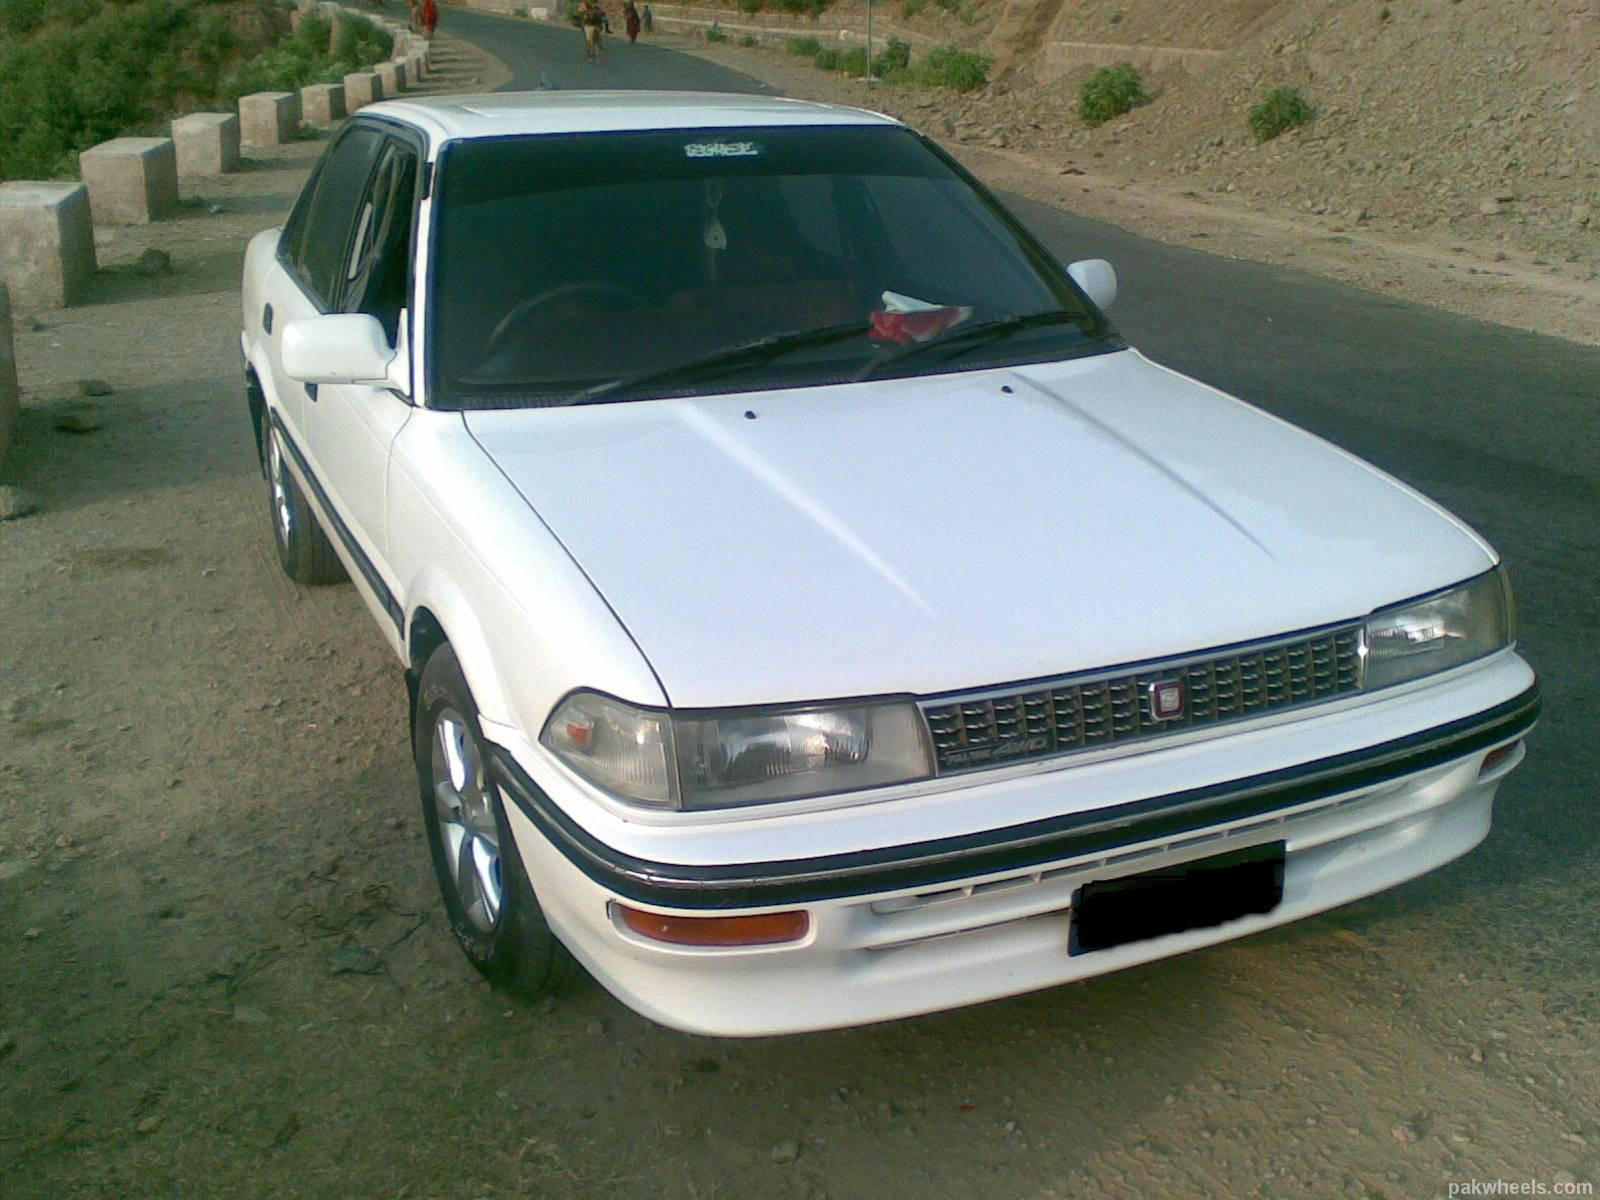 Toyota Corolla - 1990 90 Image-1